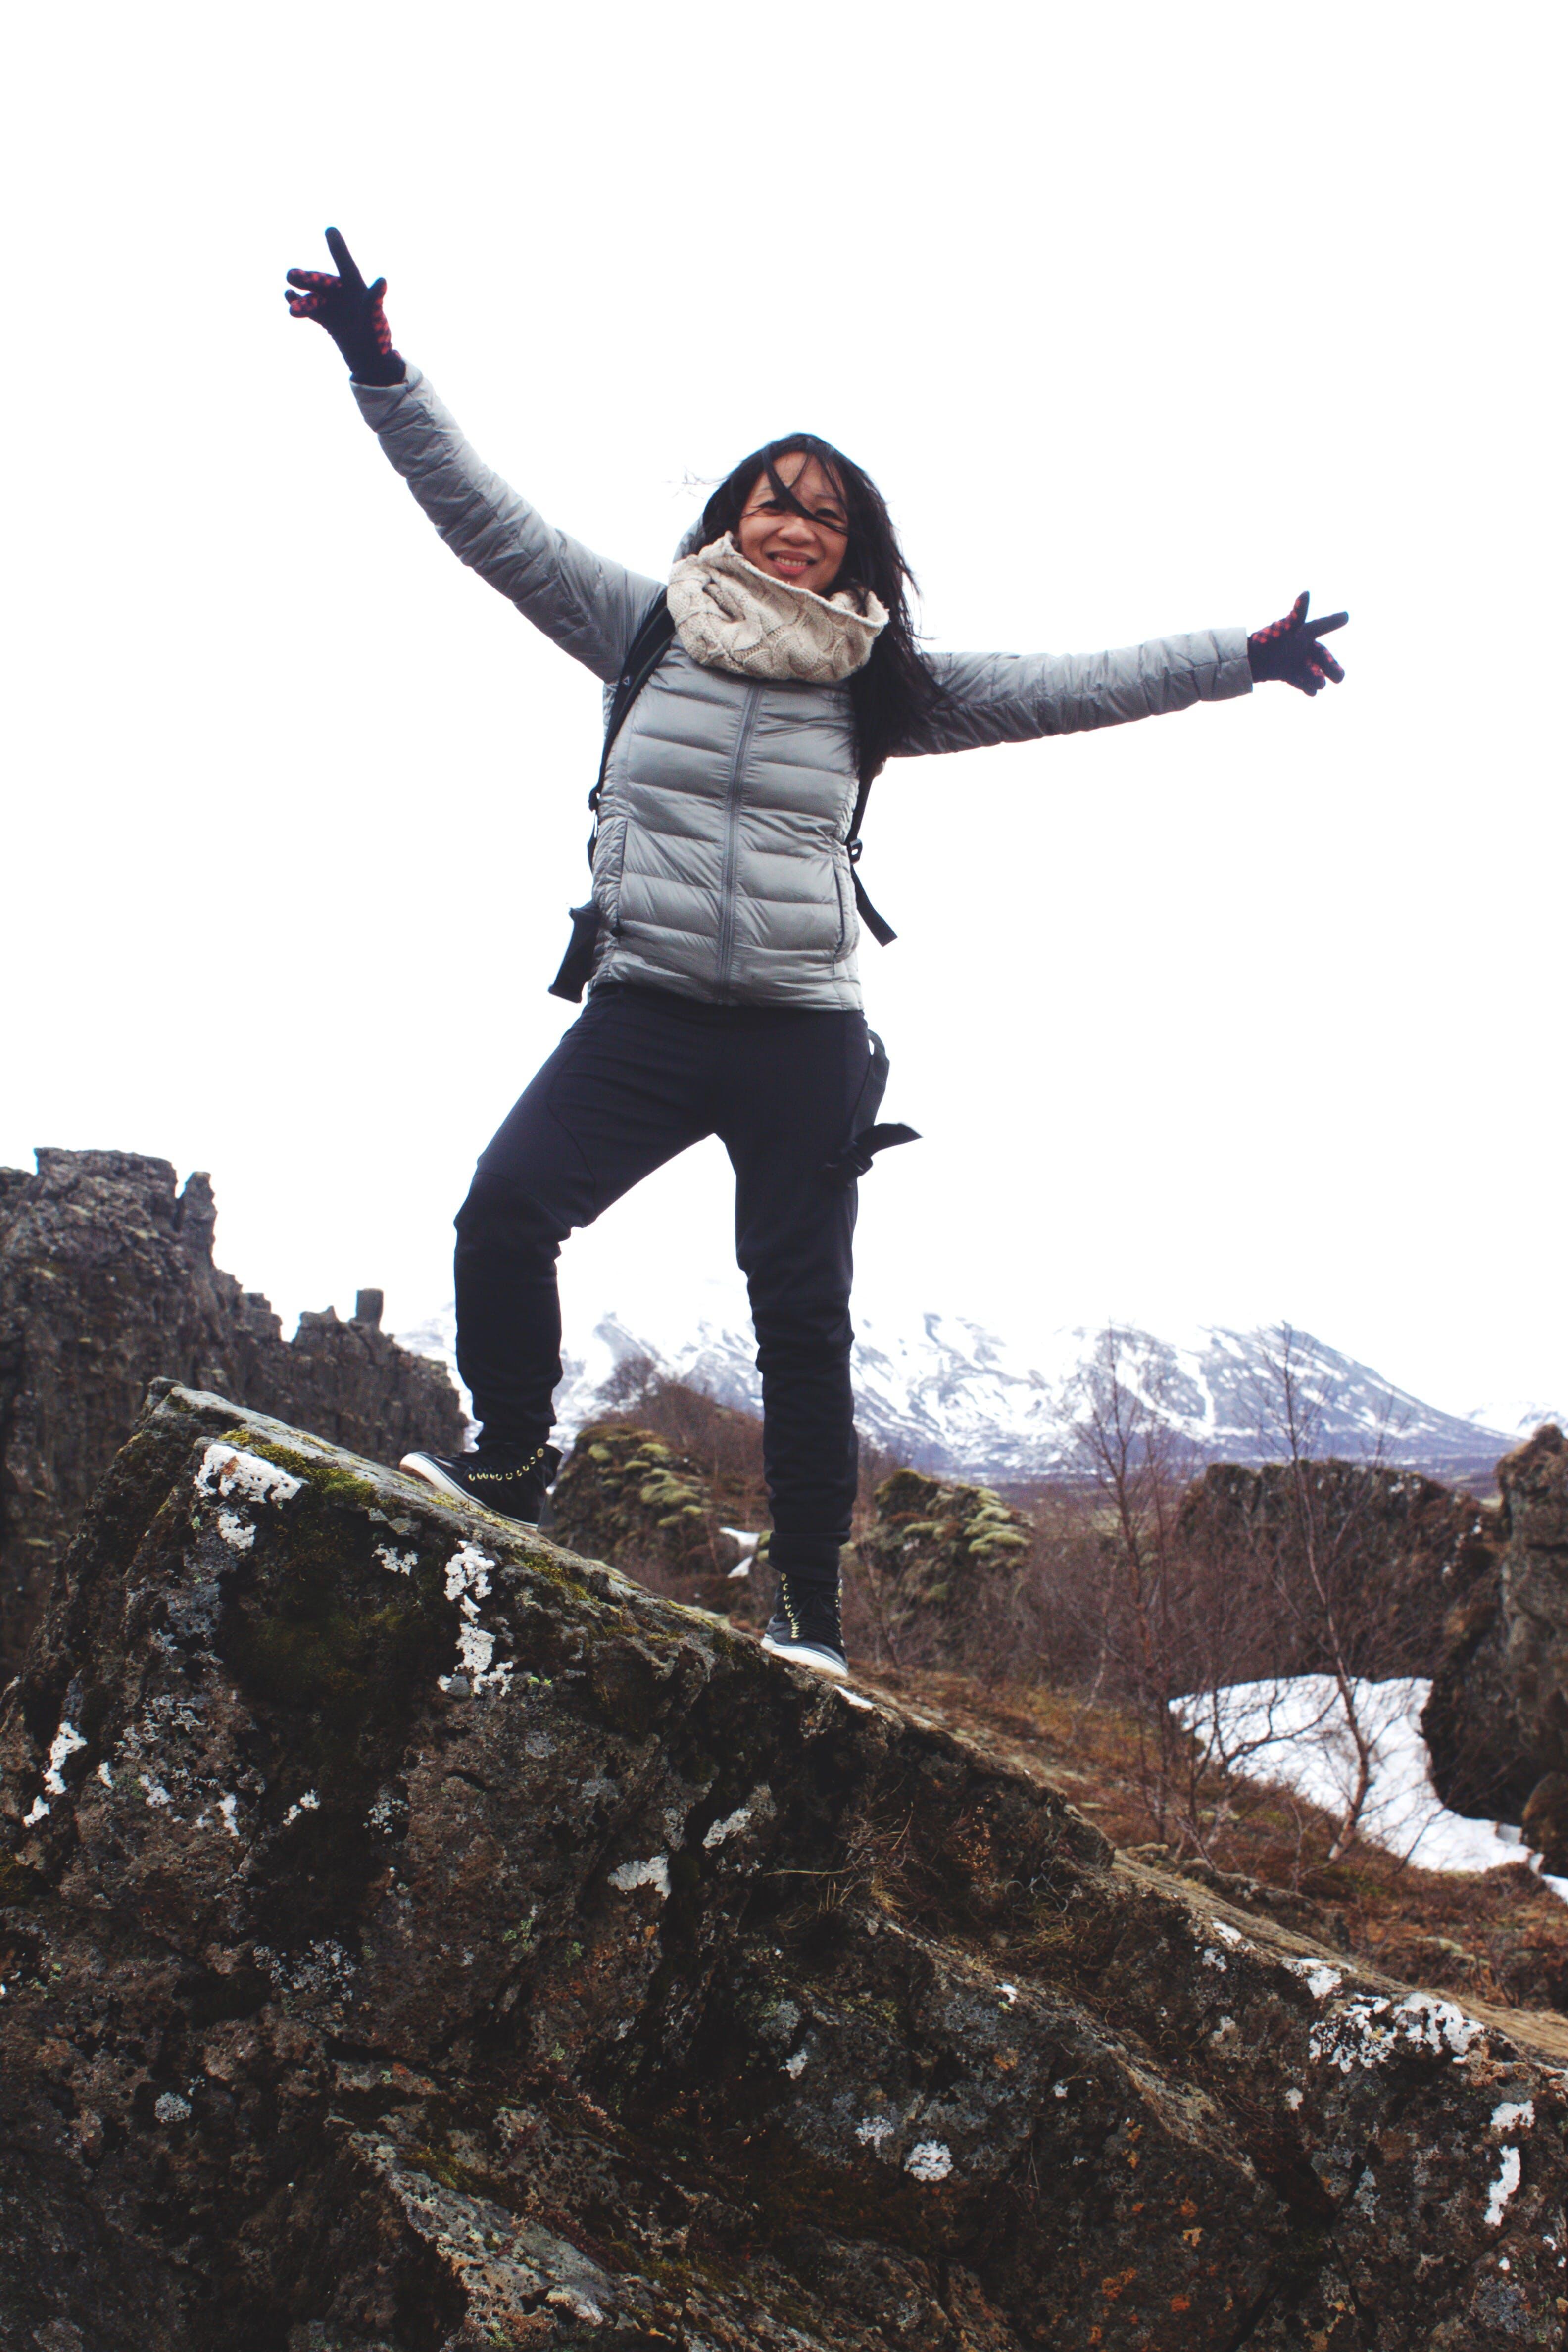 Woman Standing on a Rock Wearing Bubble Jacket